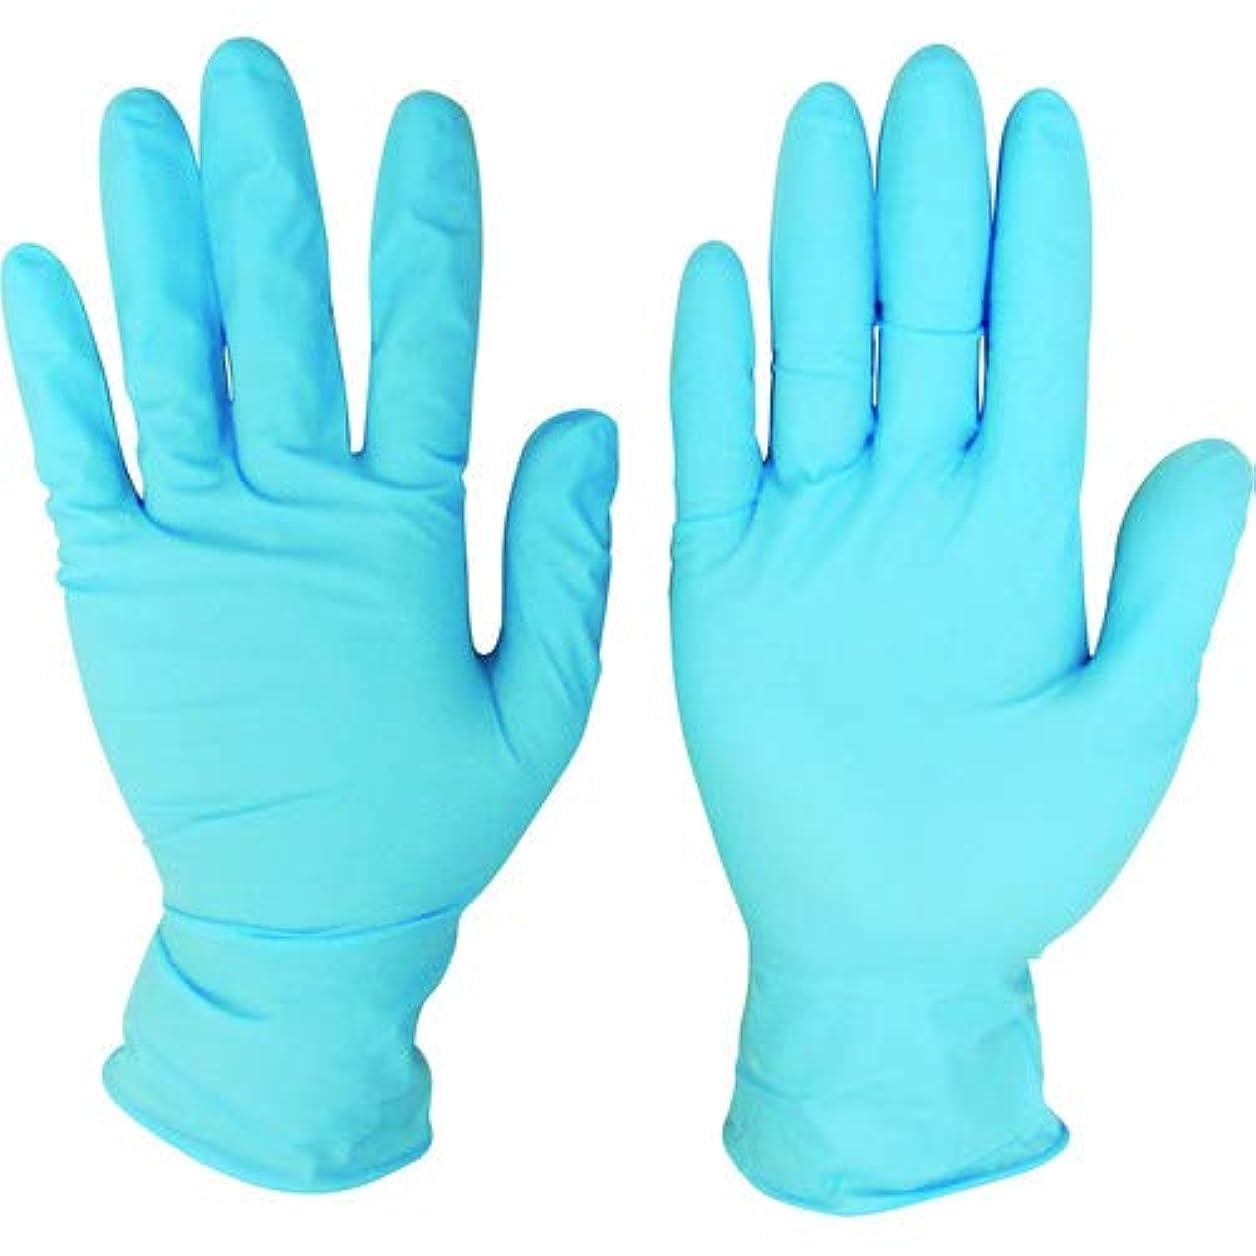 フレームワークめまいウェイトレスニトリルディスポ手袋 青 No.210 パウダーフリー(100枚入)M